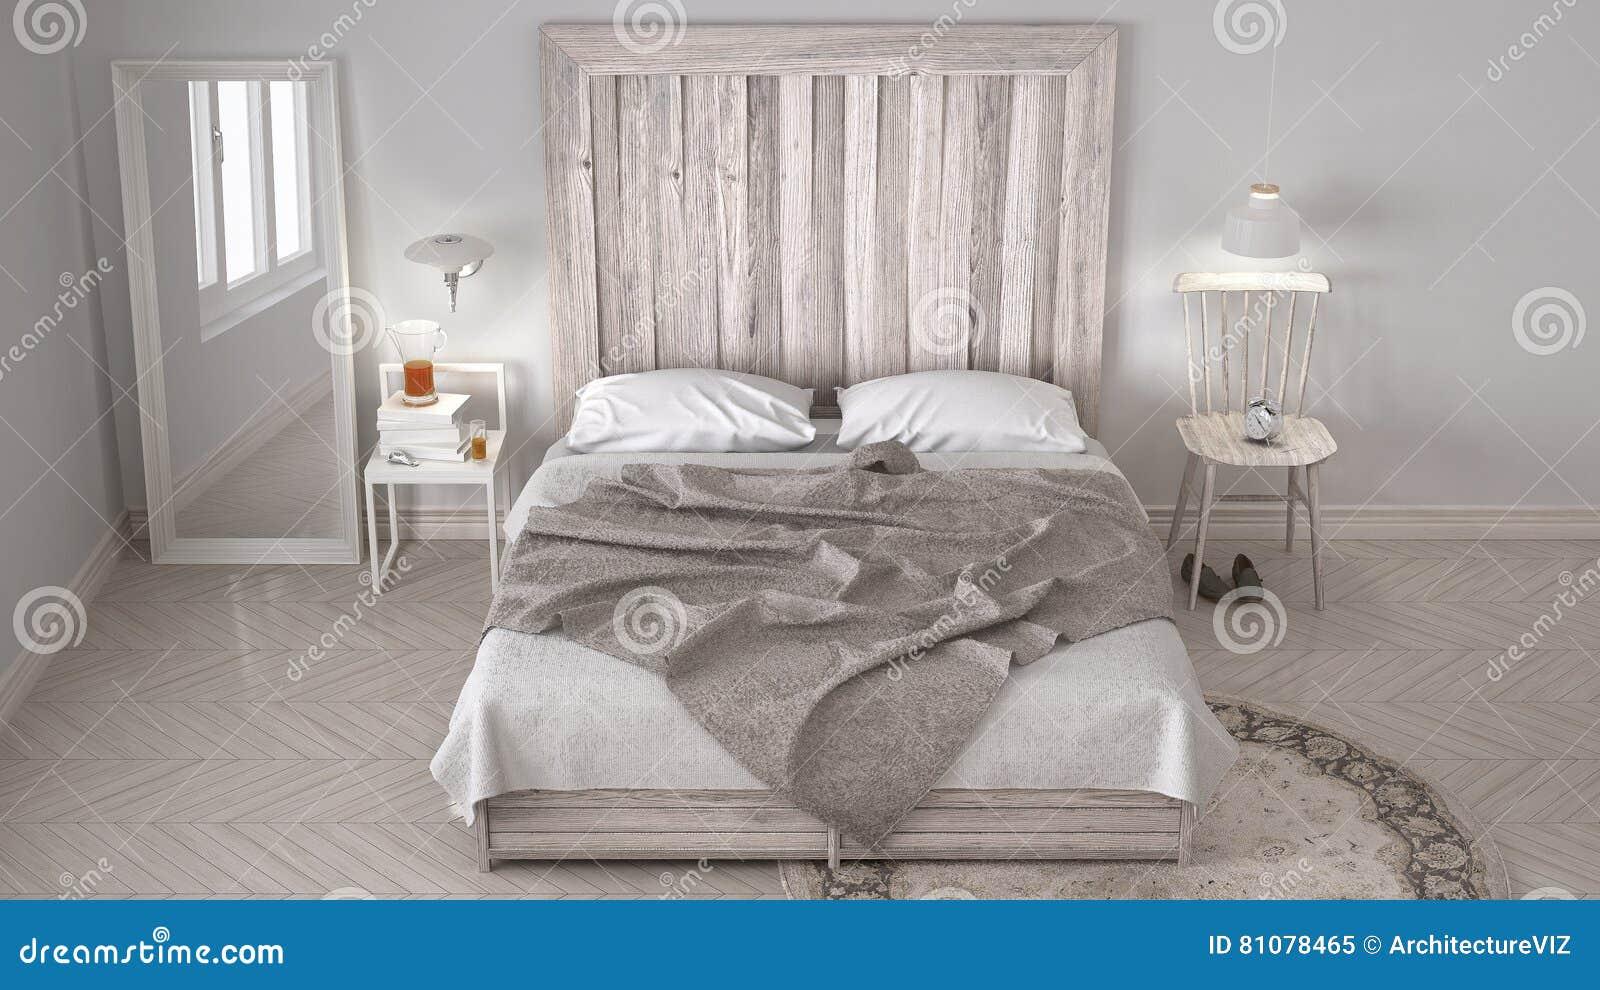 Diy Schlafzimmer Bett Mit Holzerner Kopfende Skandinavisches